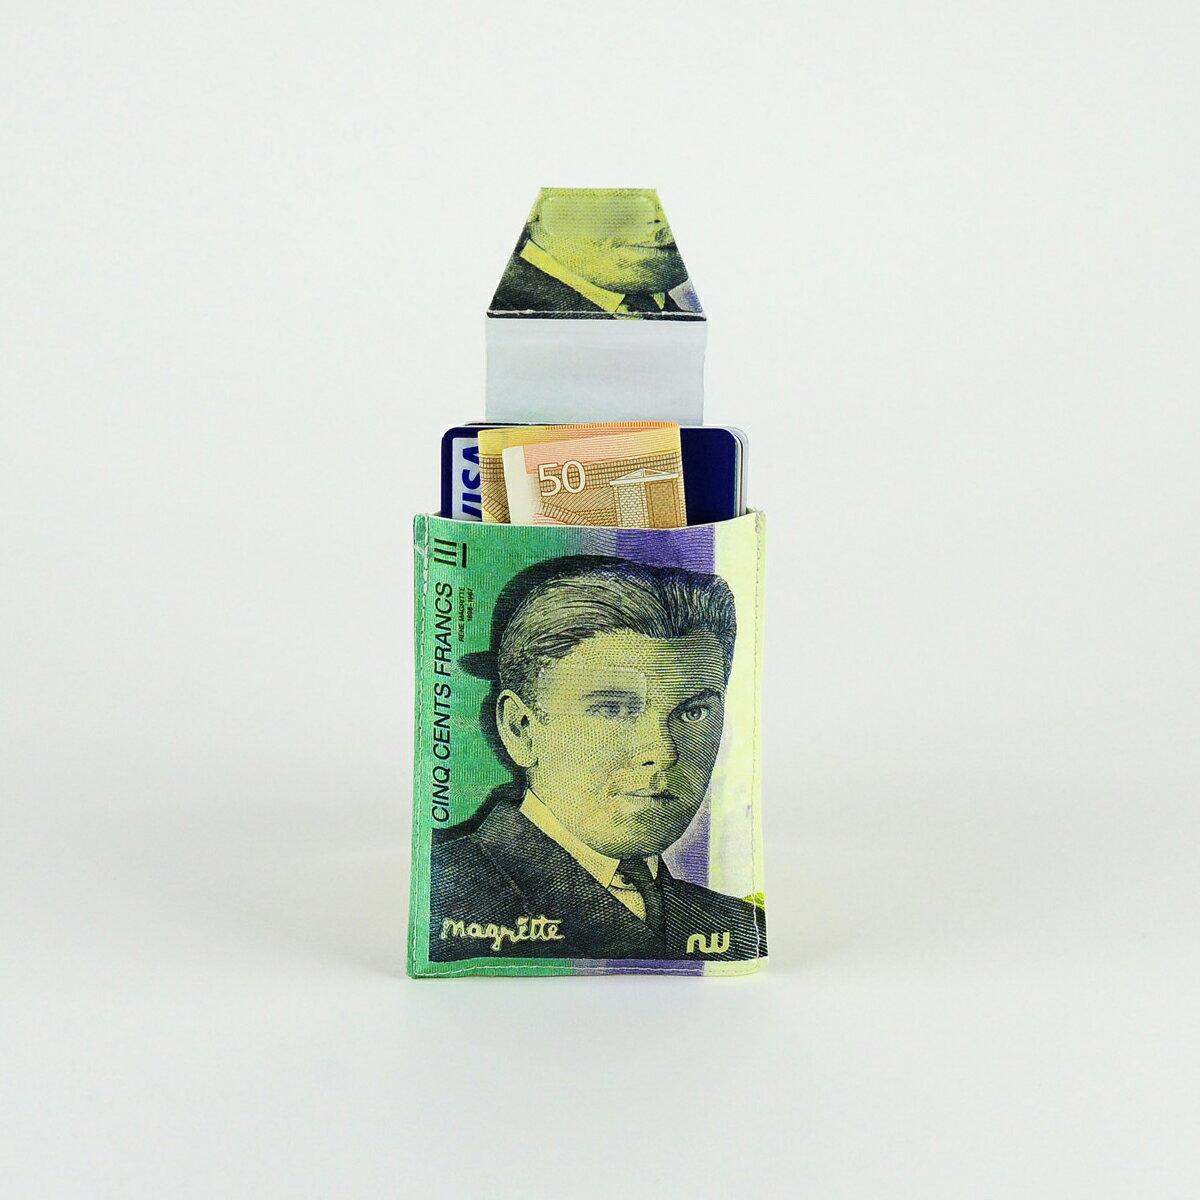 カードケース ポイントカード スリム【送料無料】カードケース カードホルダー タイベック 定期入れ パスケース 名刺入れ メンズ レディース 男性 女性 ベルギー製 made in Belgium card case card holder tyvek ギフト 祝い プレゼント 【NOWA Move Hi René 】